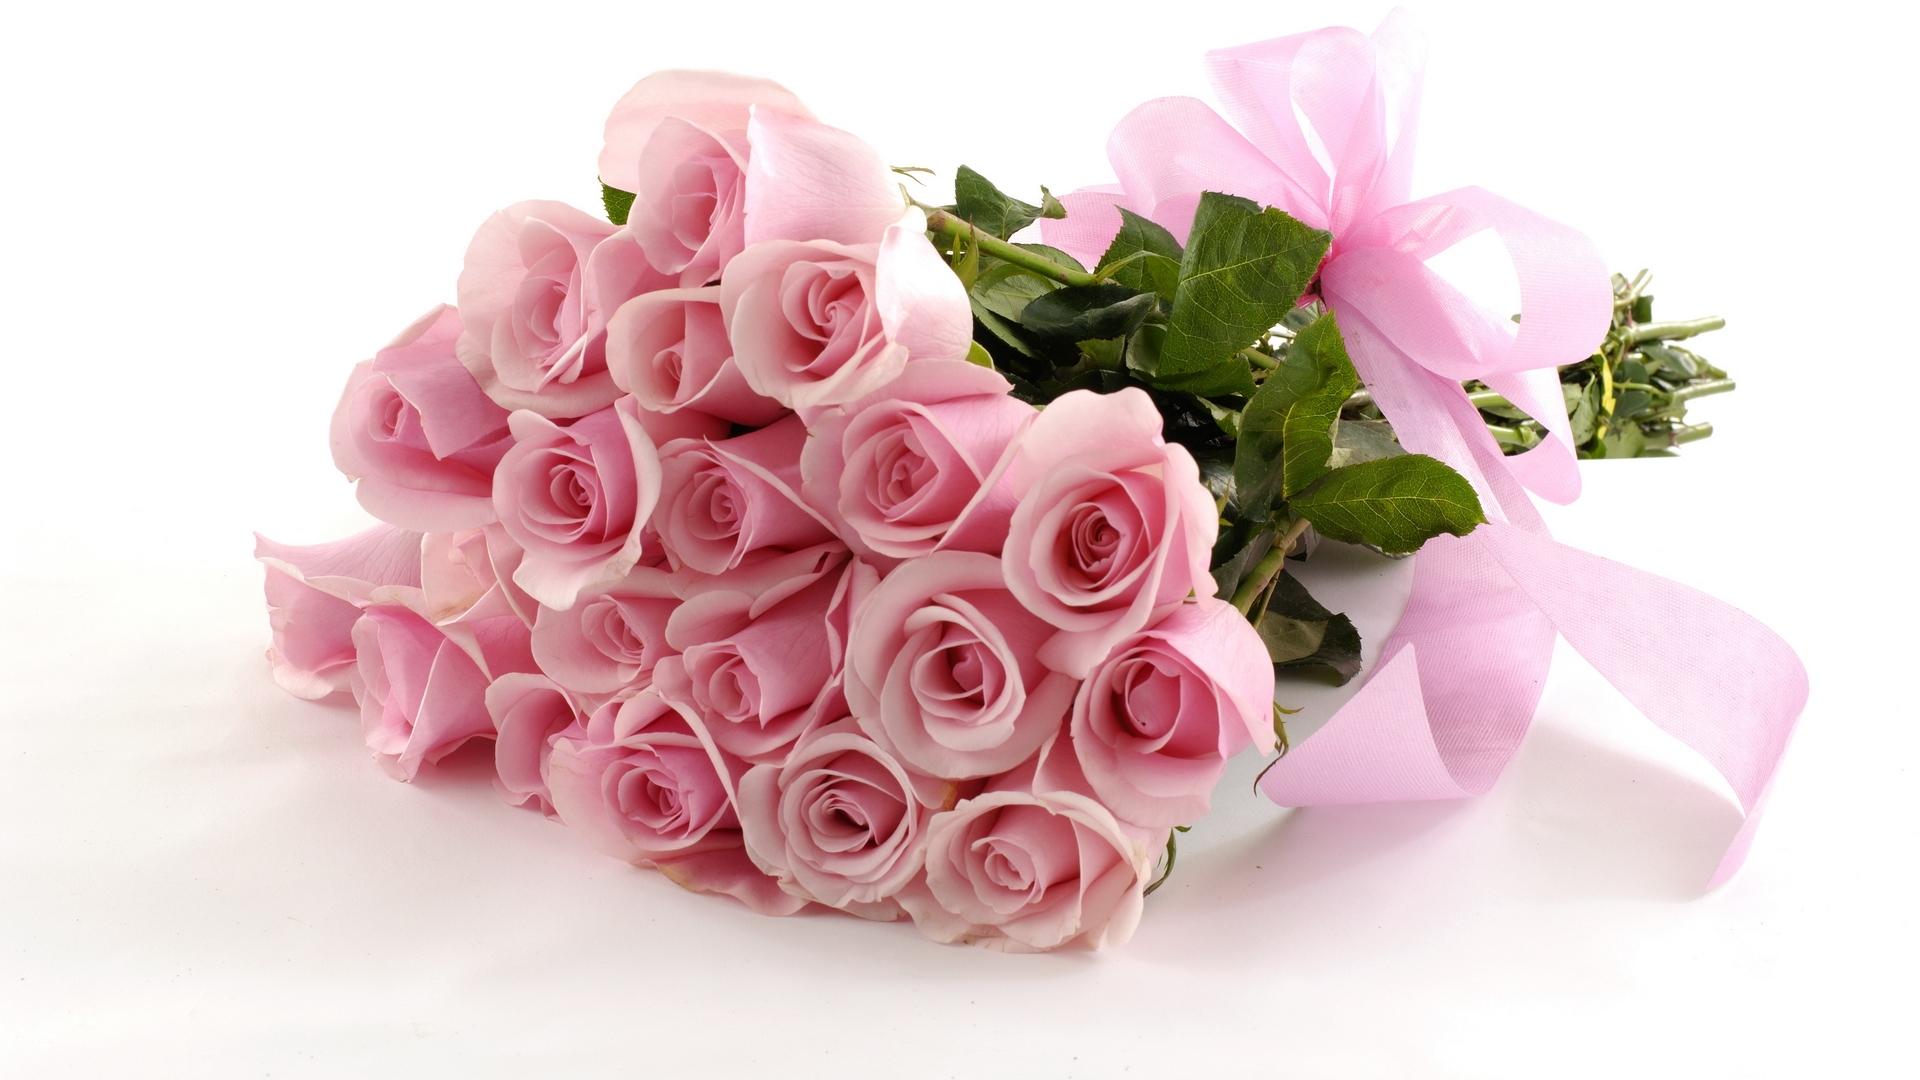 Романтичный подарок девушке, любимой 81